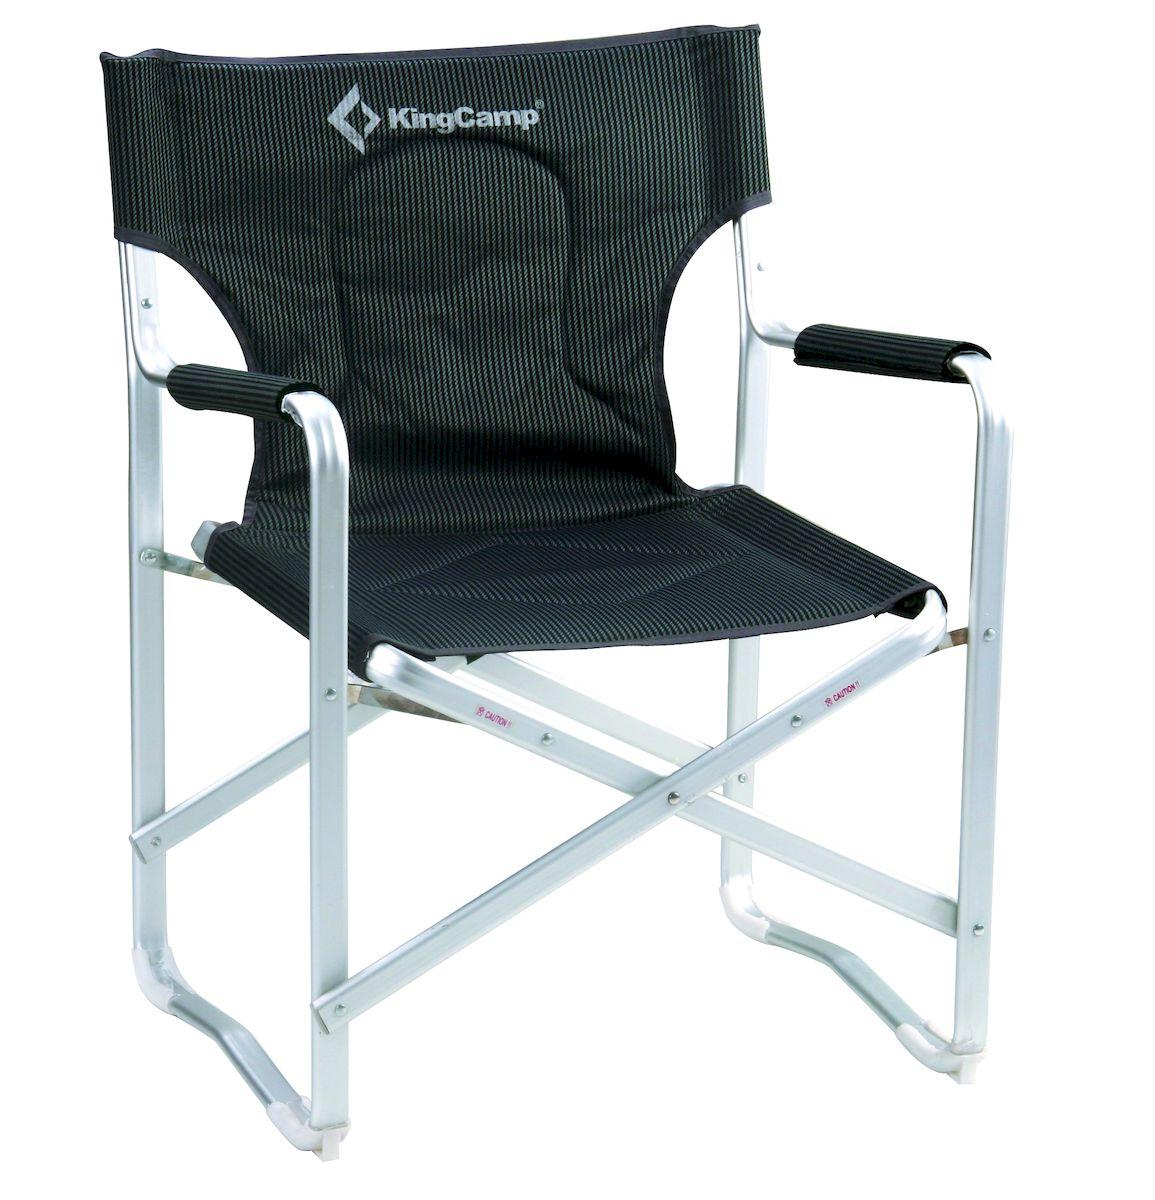 Кресло складное KingCamp DIRECTOR DELUX KC3811, цвет: черно-серый кресло складное kingcamp moon leisure chair цвет синий